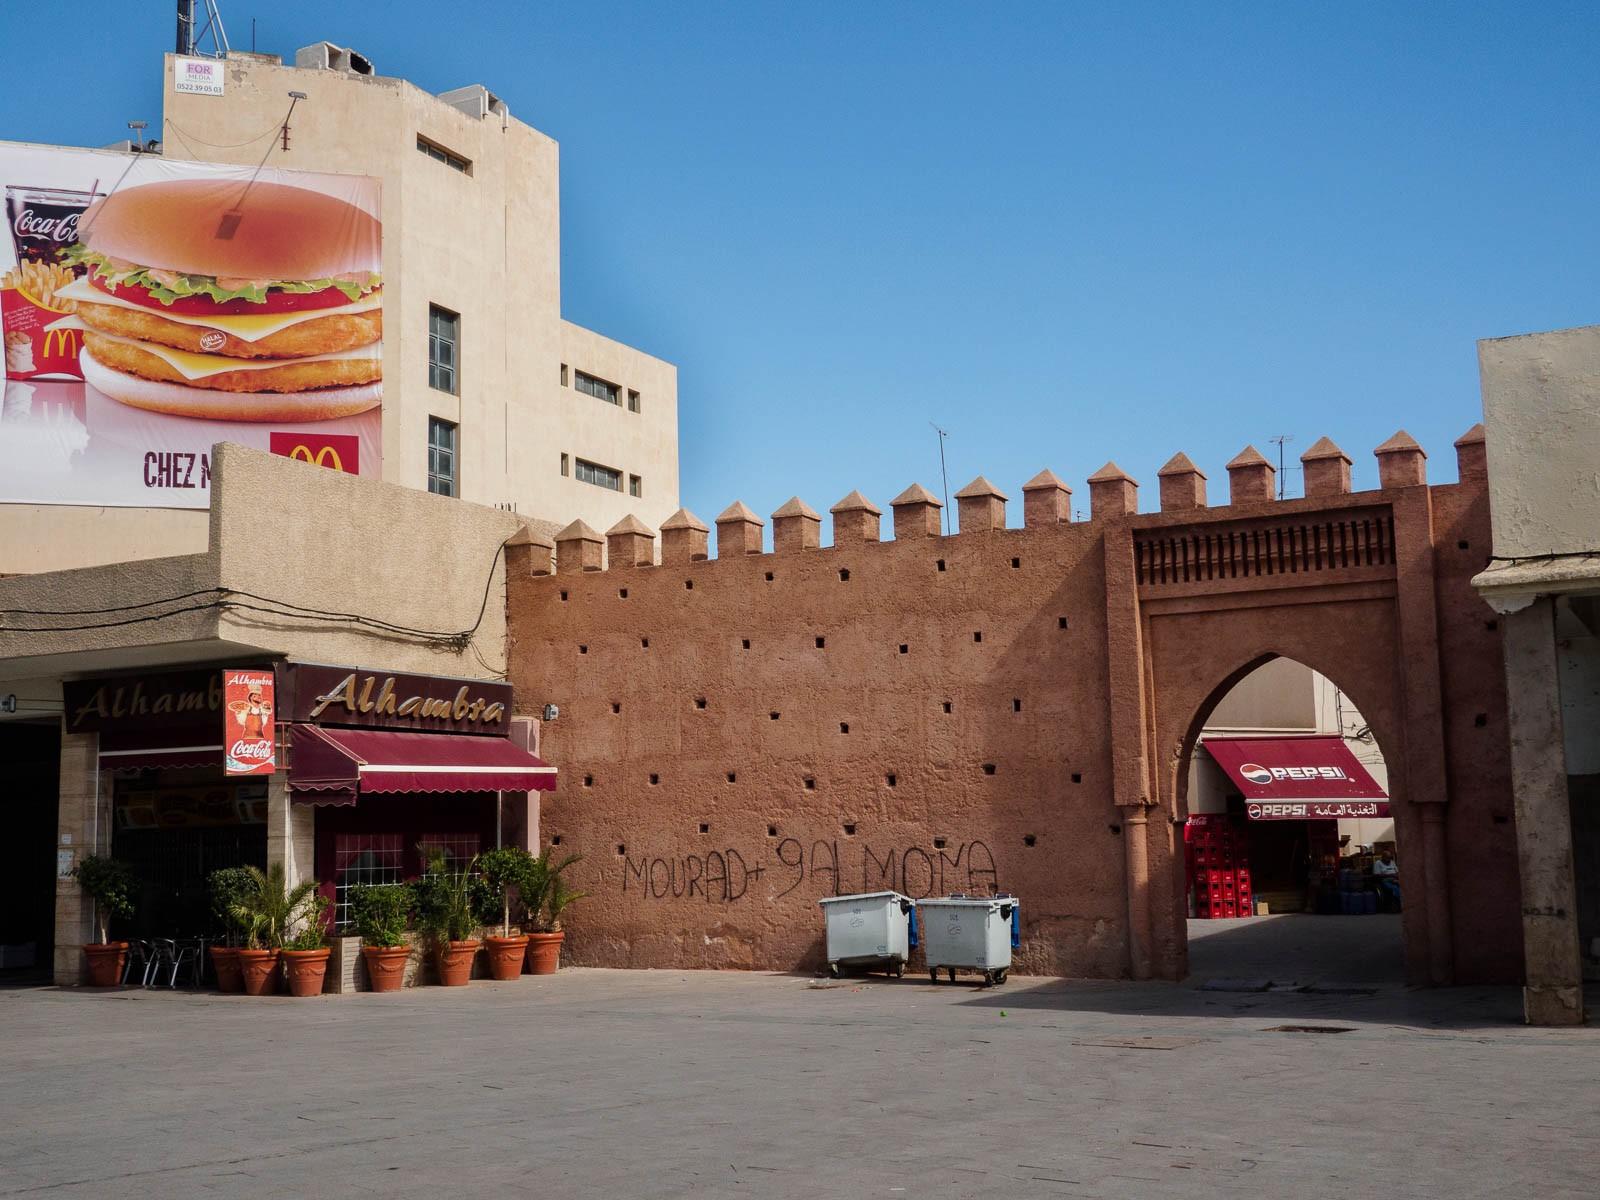 Publicidad de McDonalds junto a uno de los accesos a la medina de Oujda a través de la muralla.